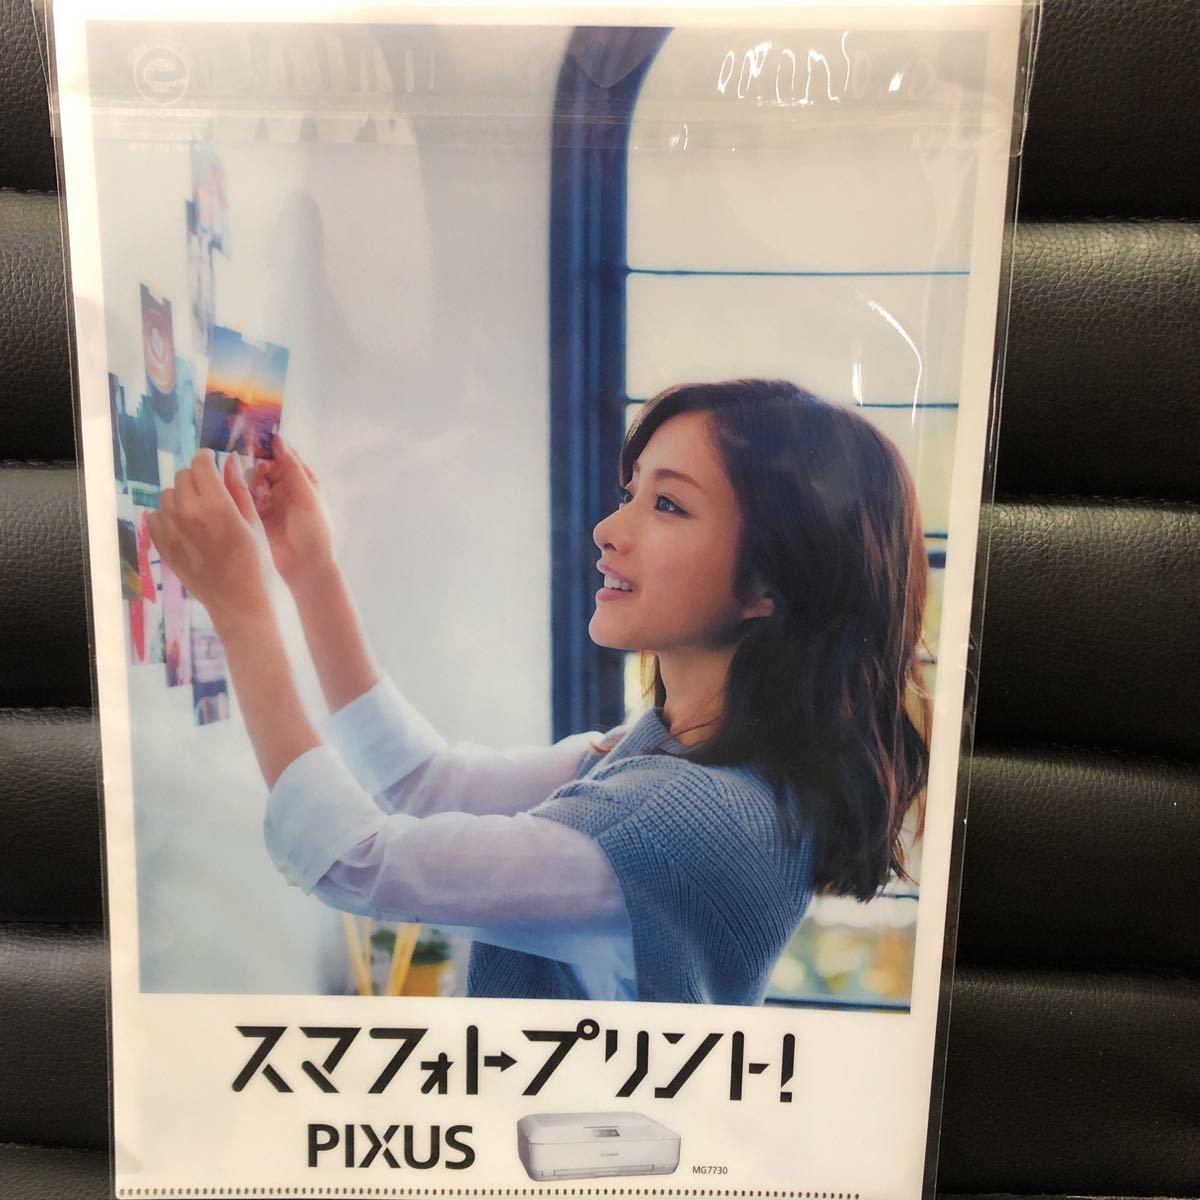 激レア★未使用★石原さとみ A4クリアファイル canon キャノン 非売品★_画像4